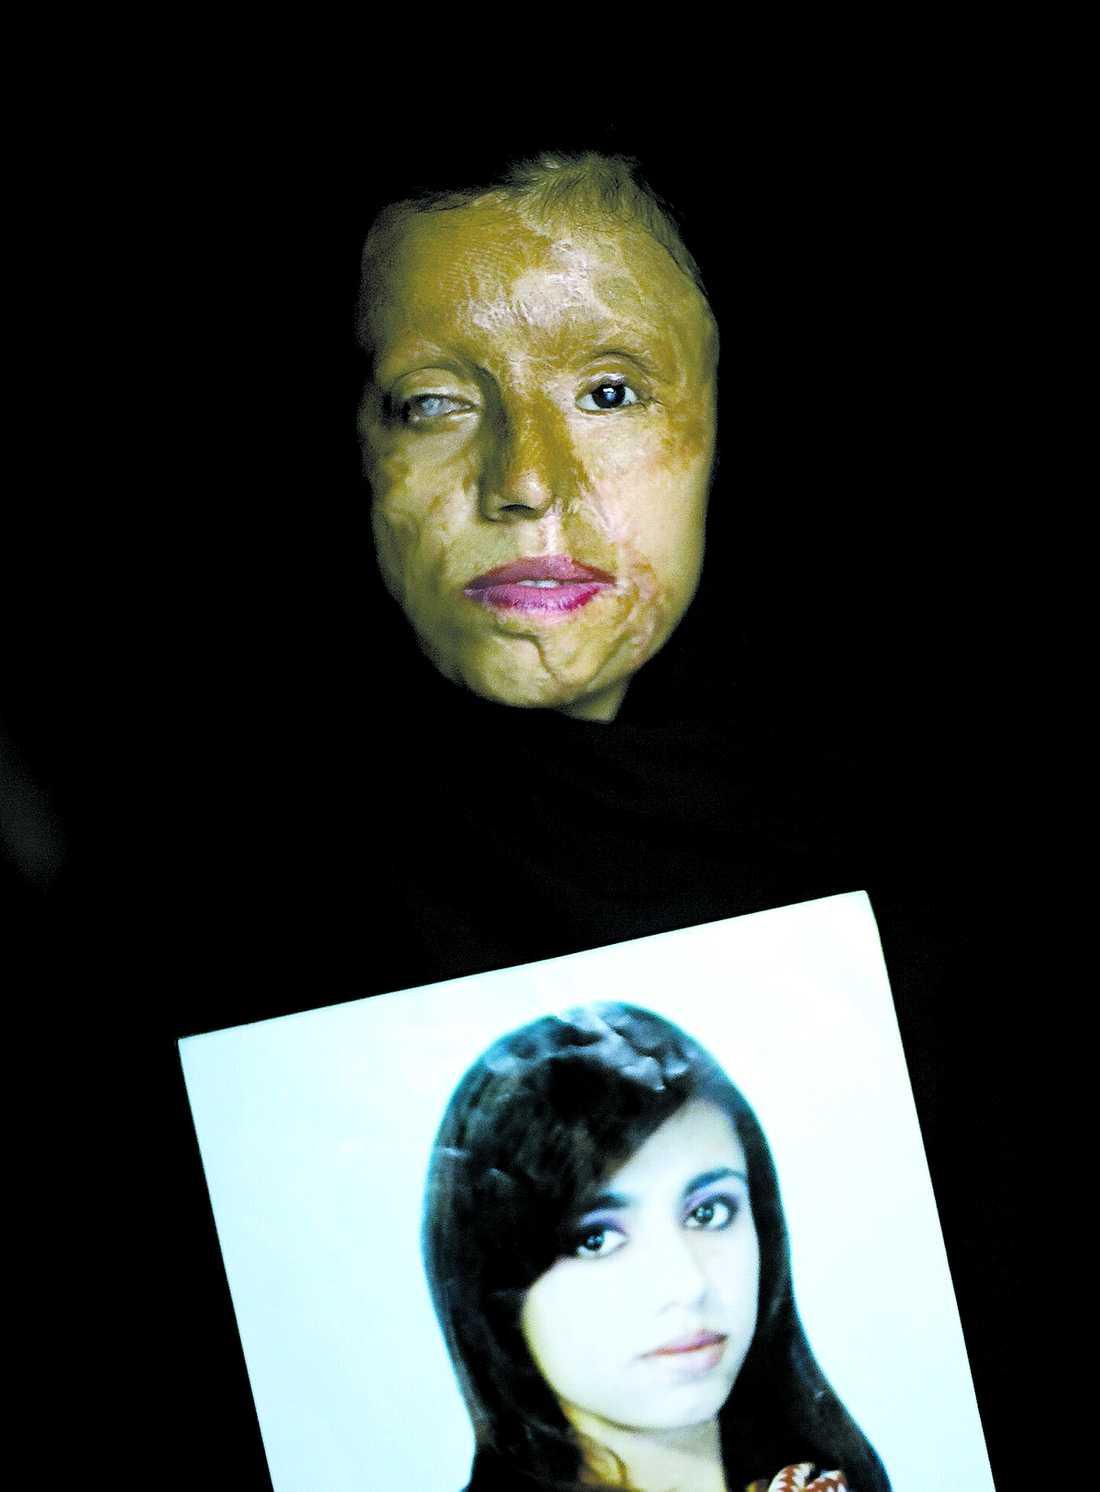 Saira Liagats, 26. Hennes högsta önskan var att få gå ut skolan. När hon blev bortgift som 15-åring grusades drömmen. Hennes man, en nära släkting, krävde att hon skulle bo med honom. När hon istället ville avsluta utbildningen hällde han frätande syra över henne. Hennes ansikte förstördes och hon förlorade synen på ena ögat. Idag har Saira plastikopererats nio gånger.